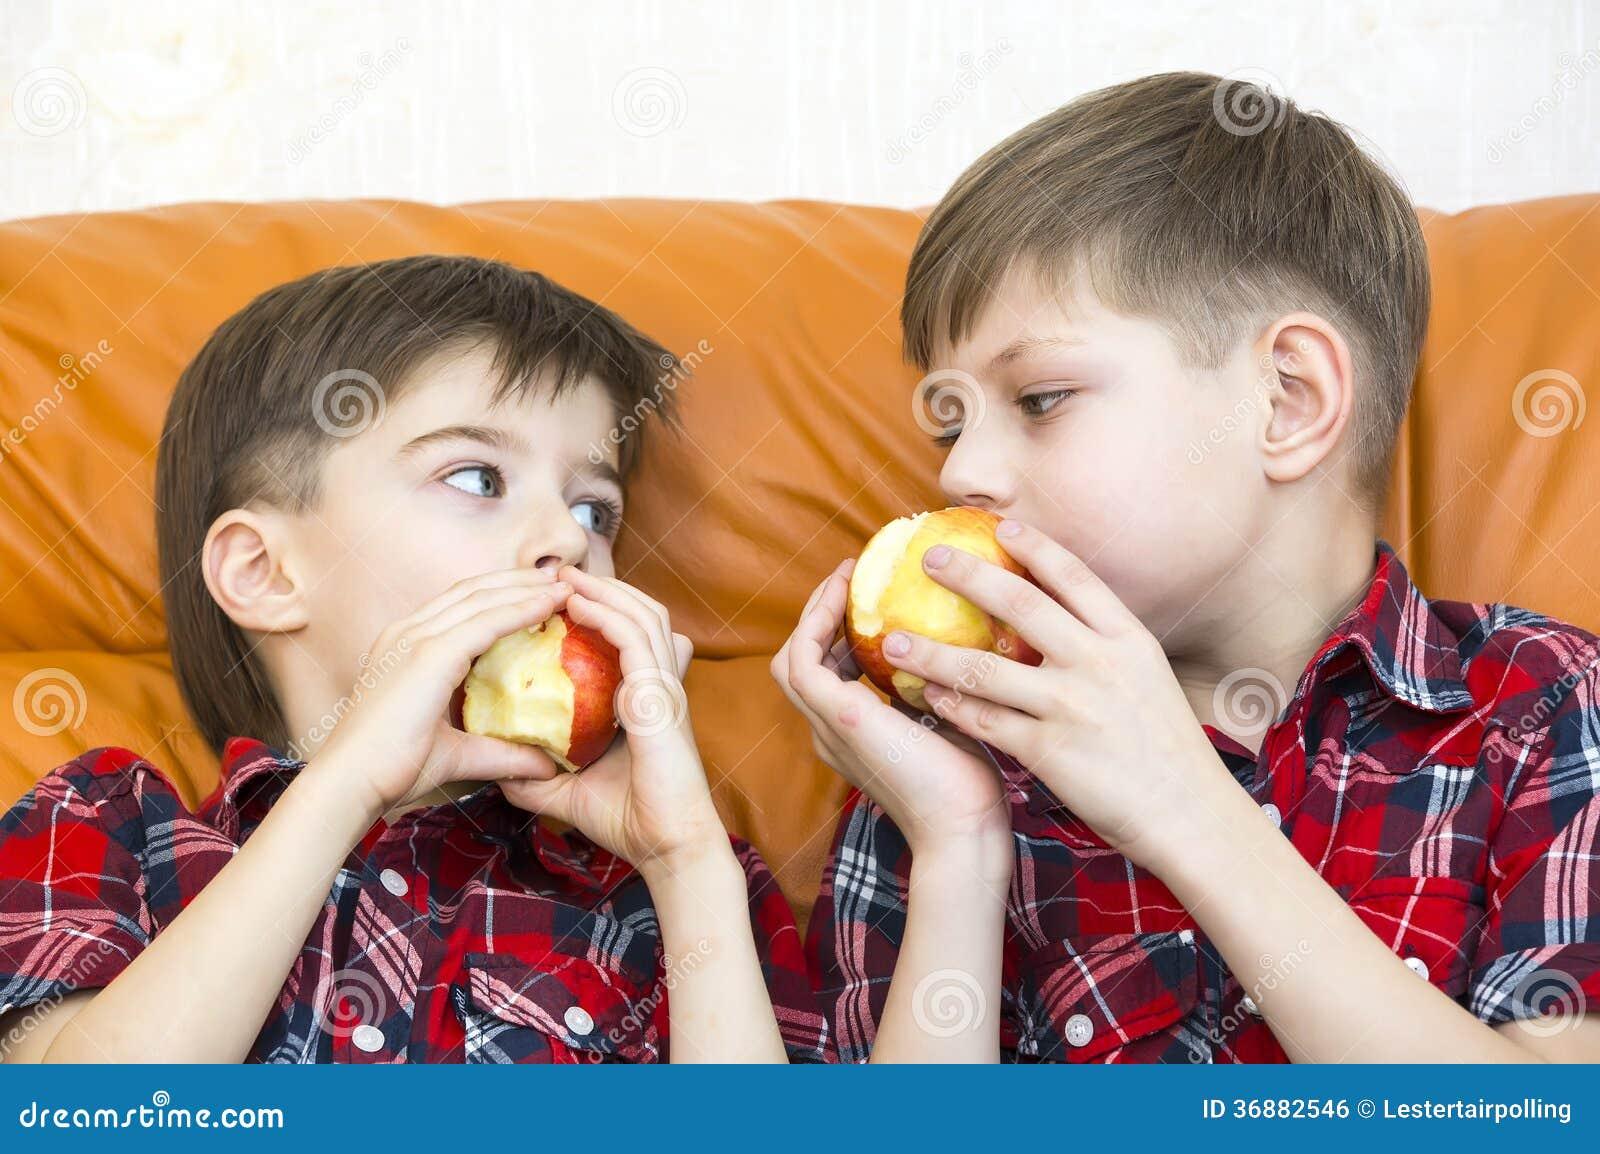 Download Bambini fotografia stock. Immagine di interno, frutta - 36882546